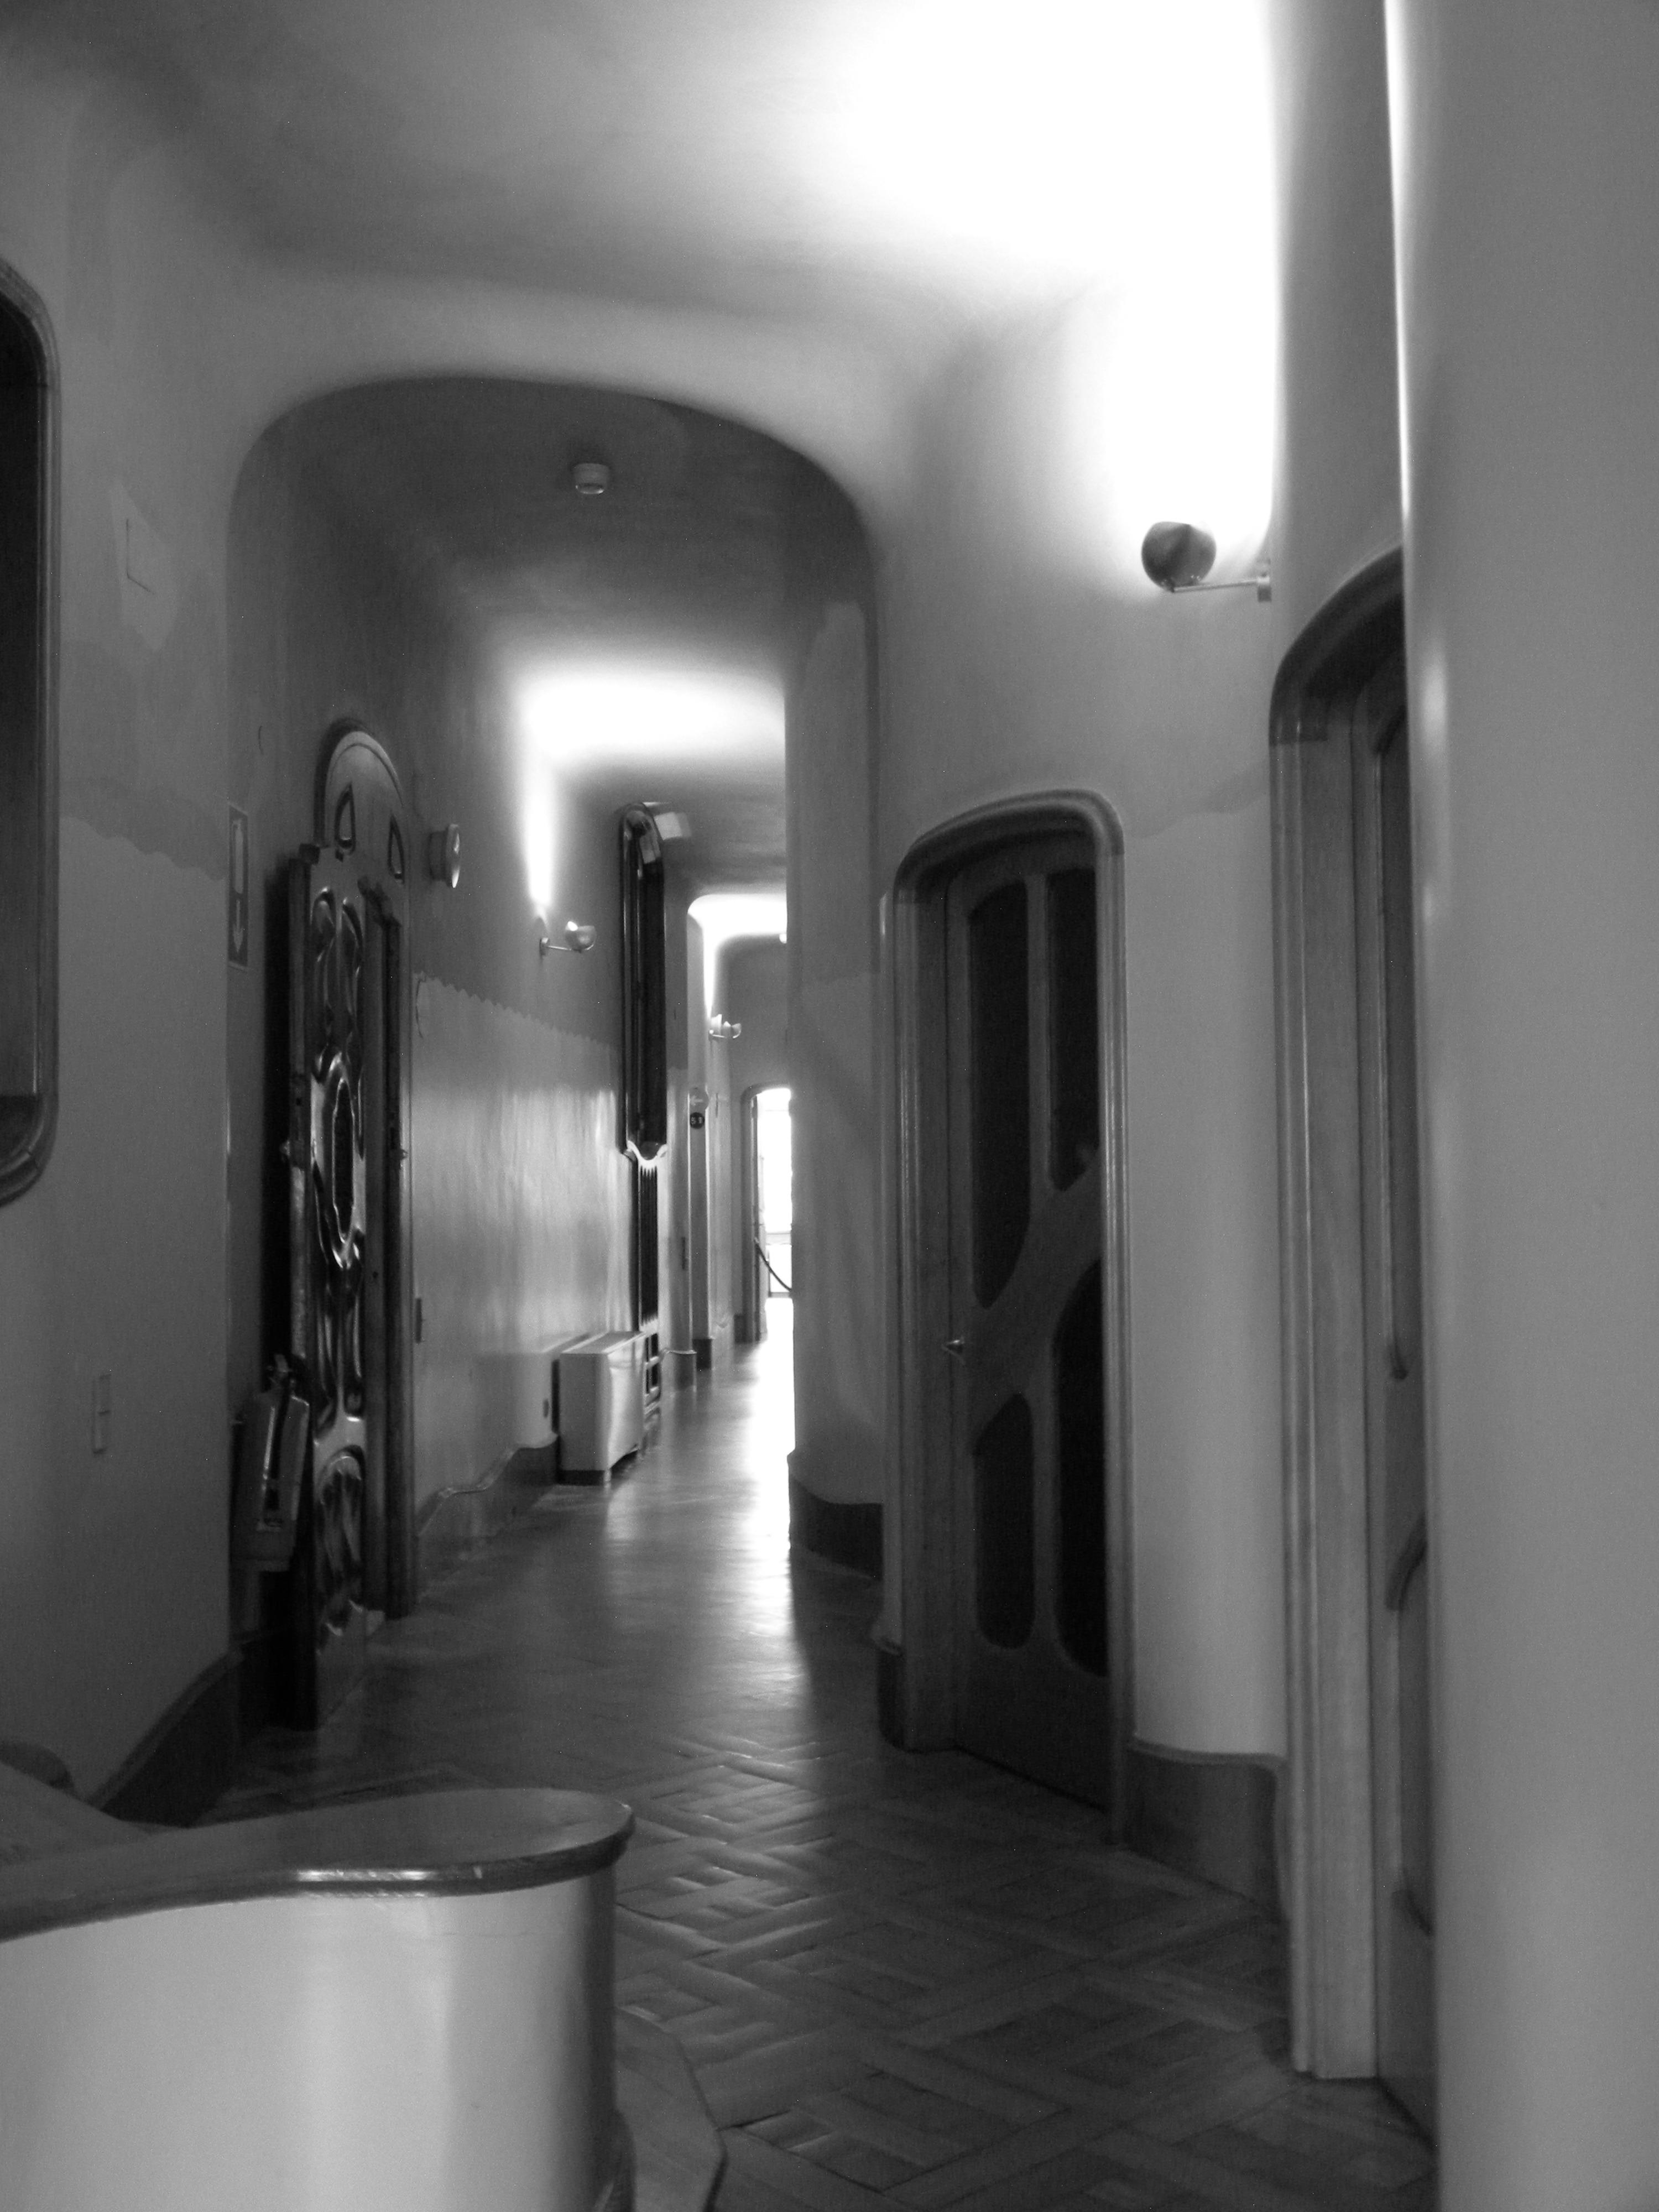 Fotos gratis : ligero, en blanco y negro, arquitectura, fotografía ...